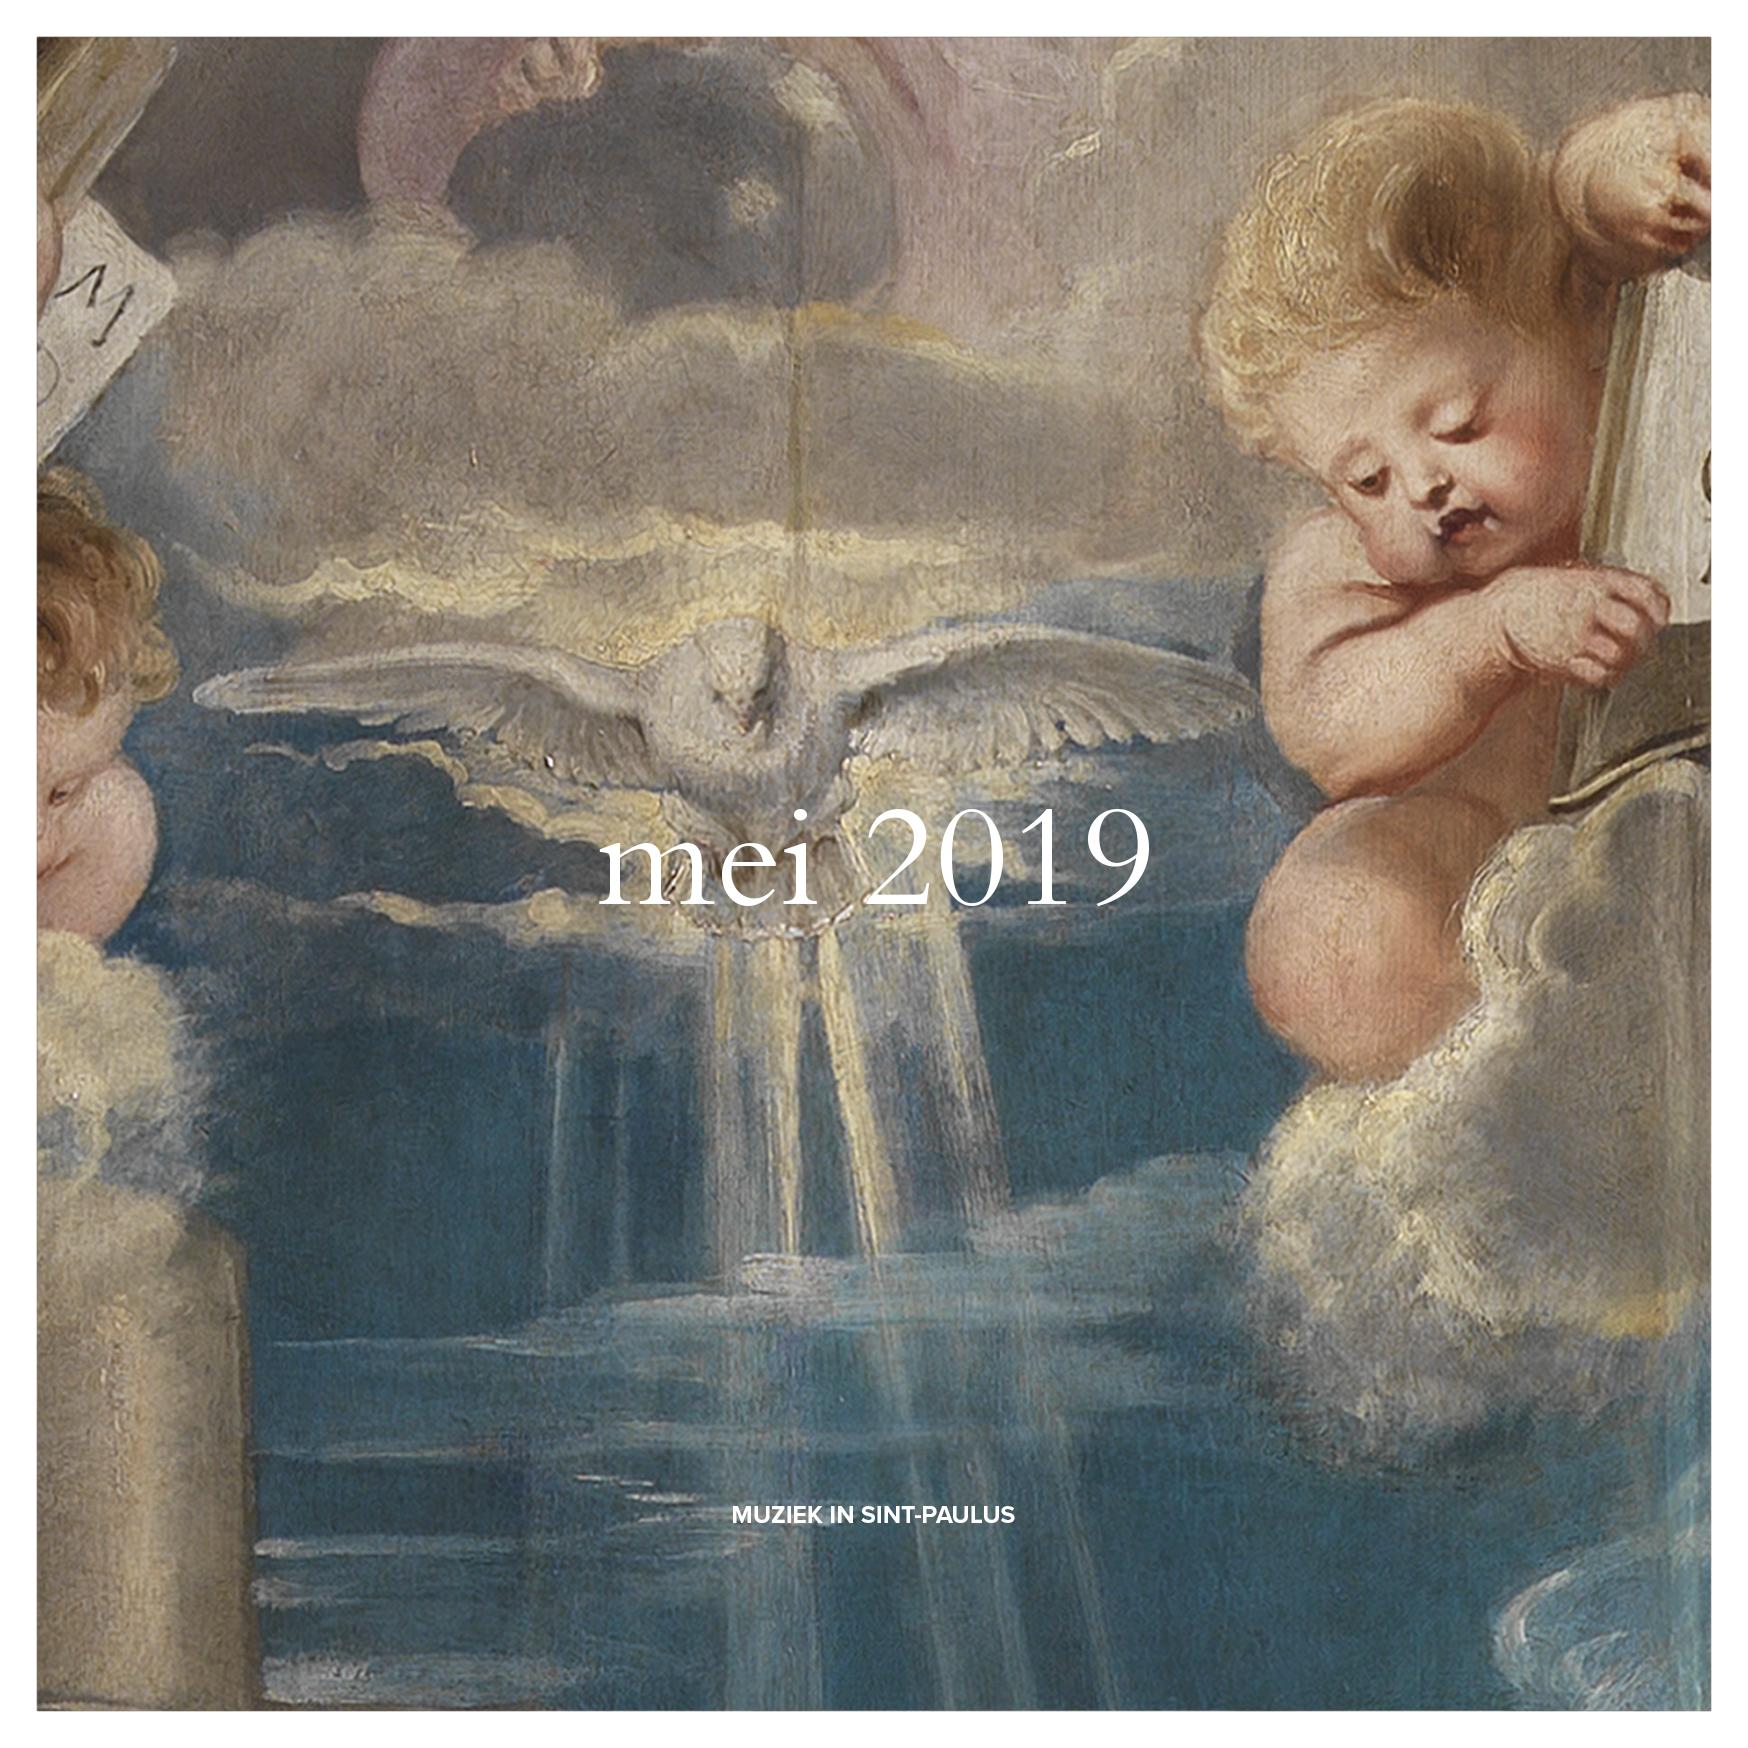 Muziek in Sint-Paulus - Mei 2019